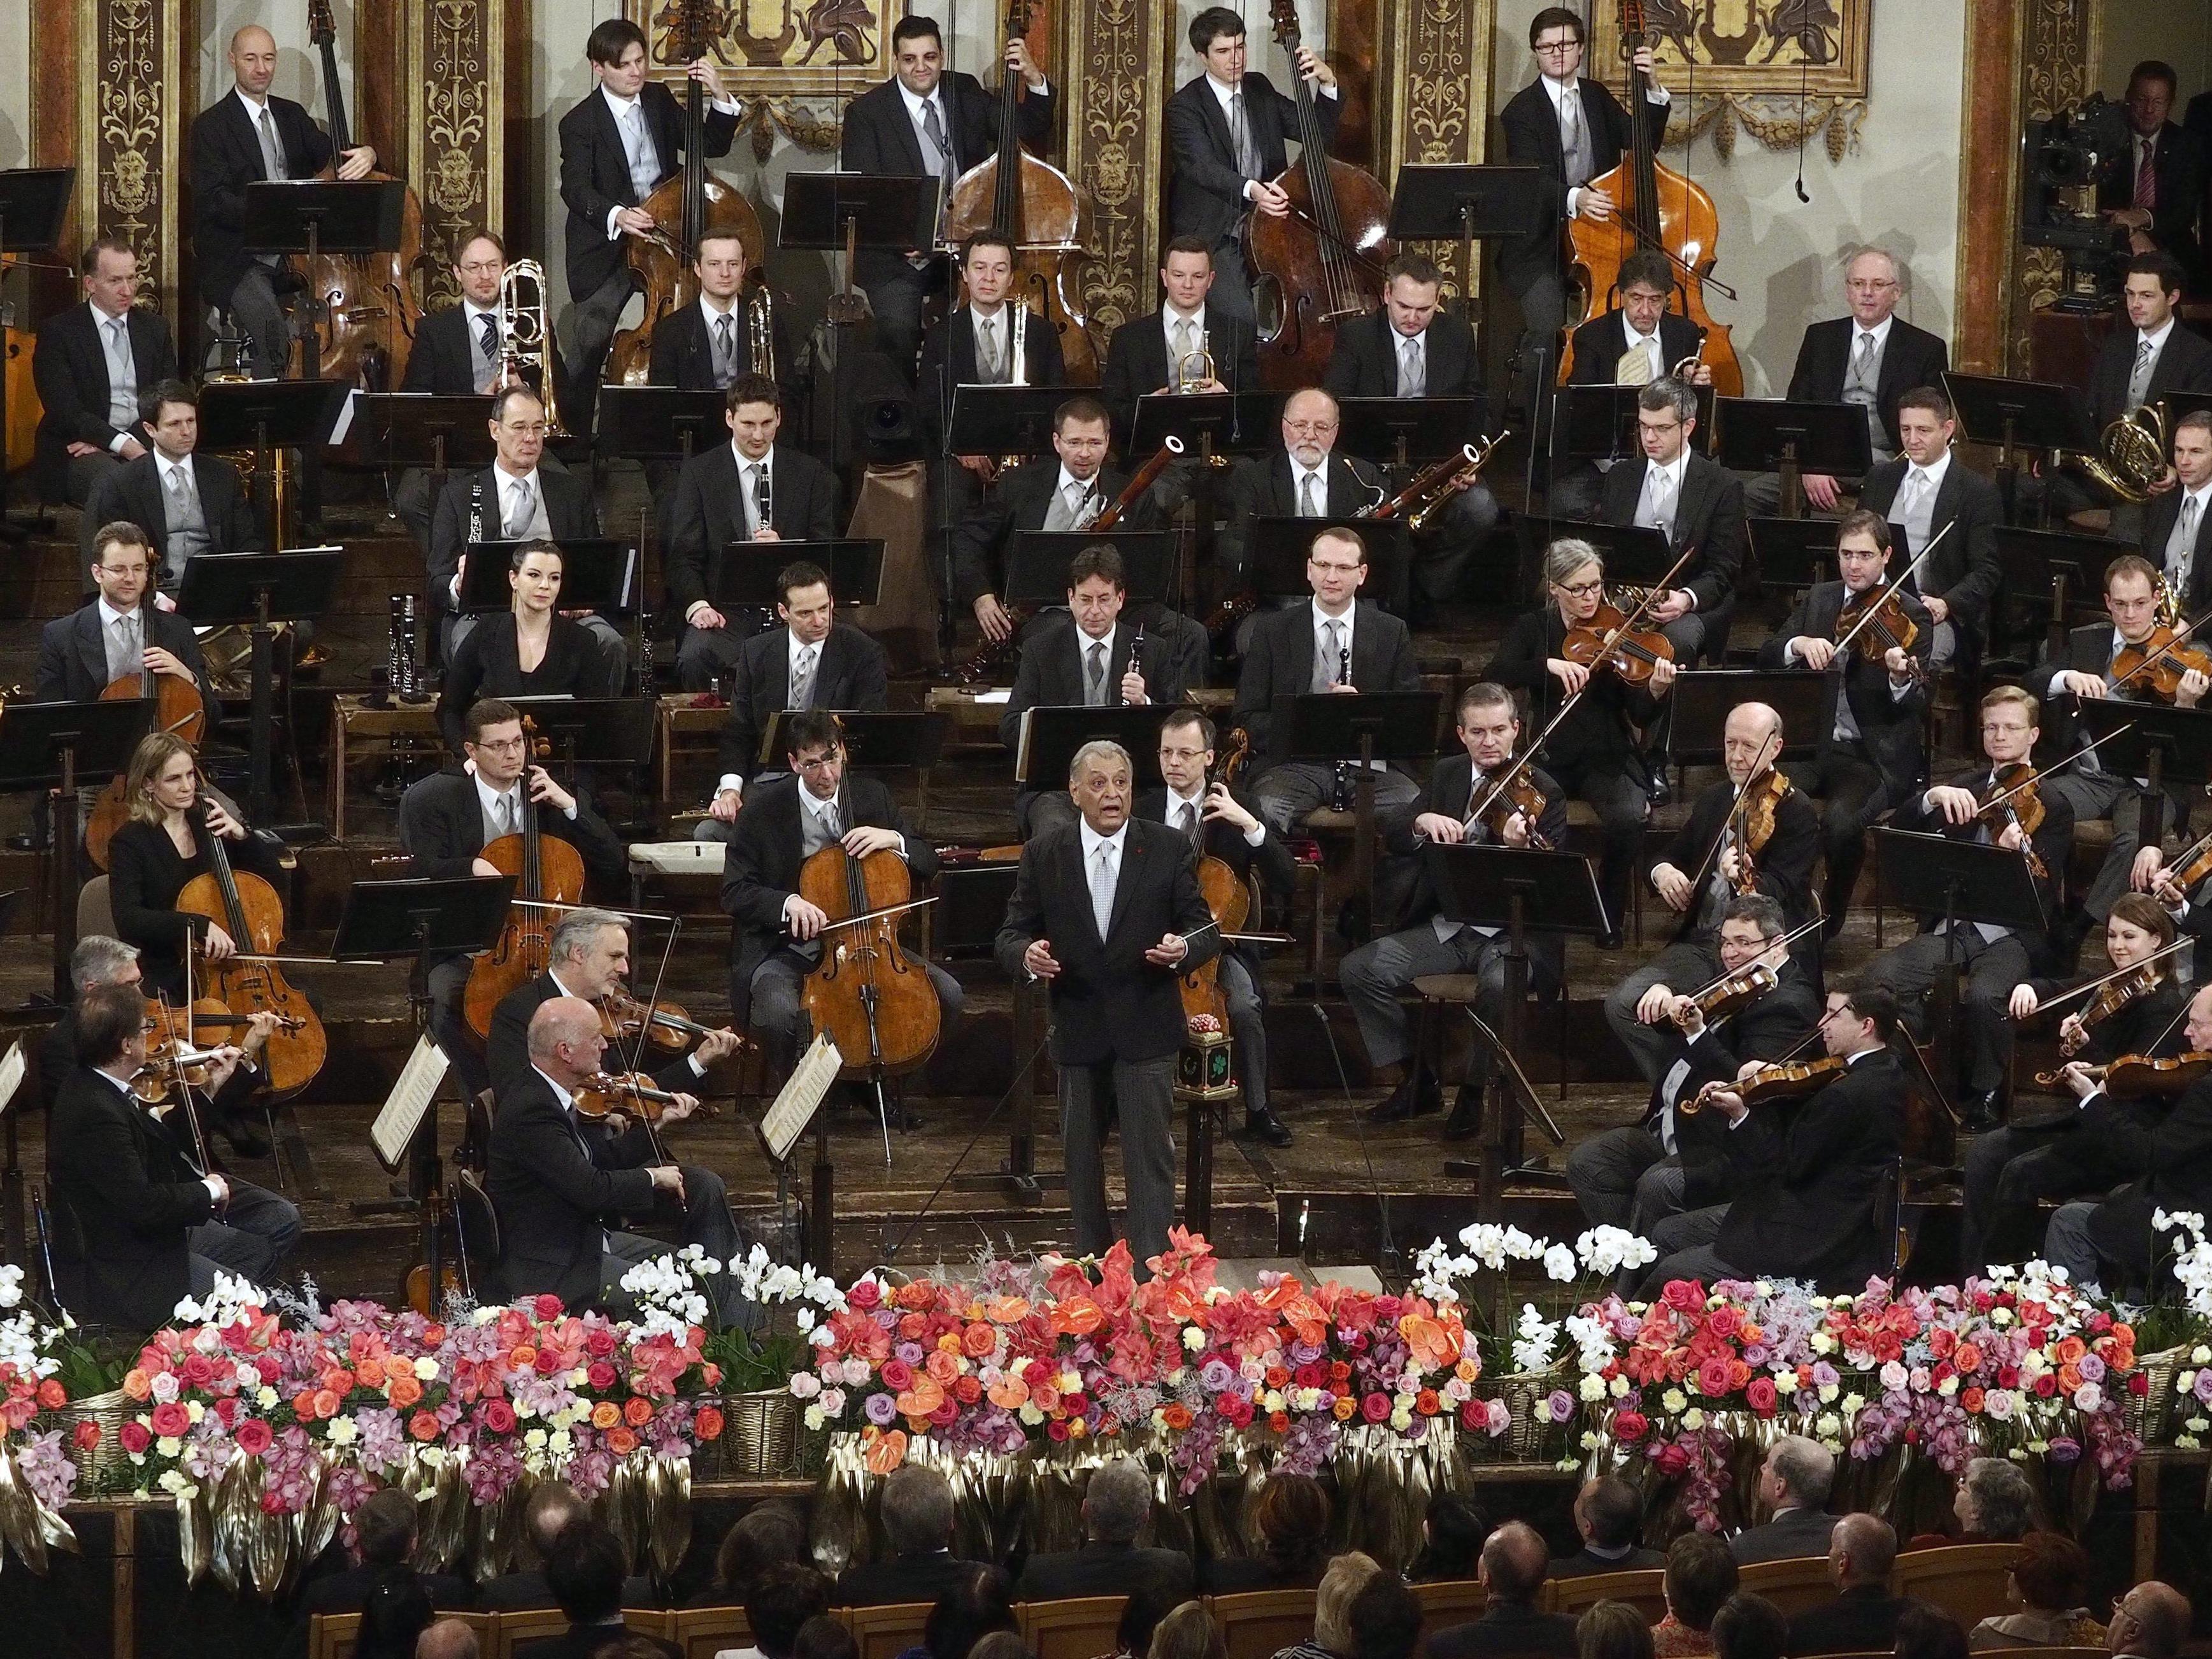 Musikverein: Bund kürzt jährliche Subventionen um 58 Prozent